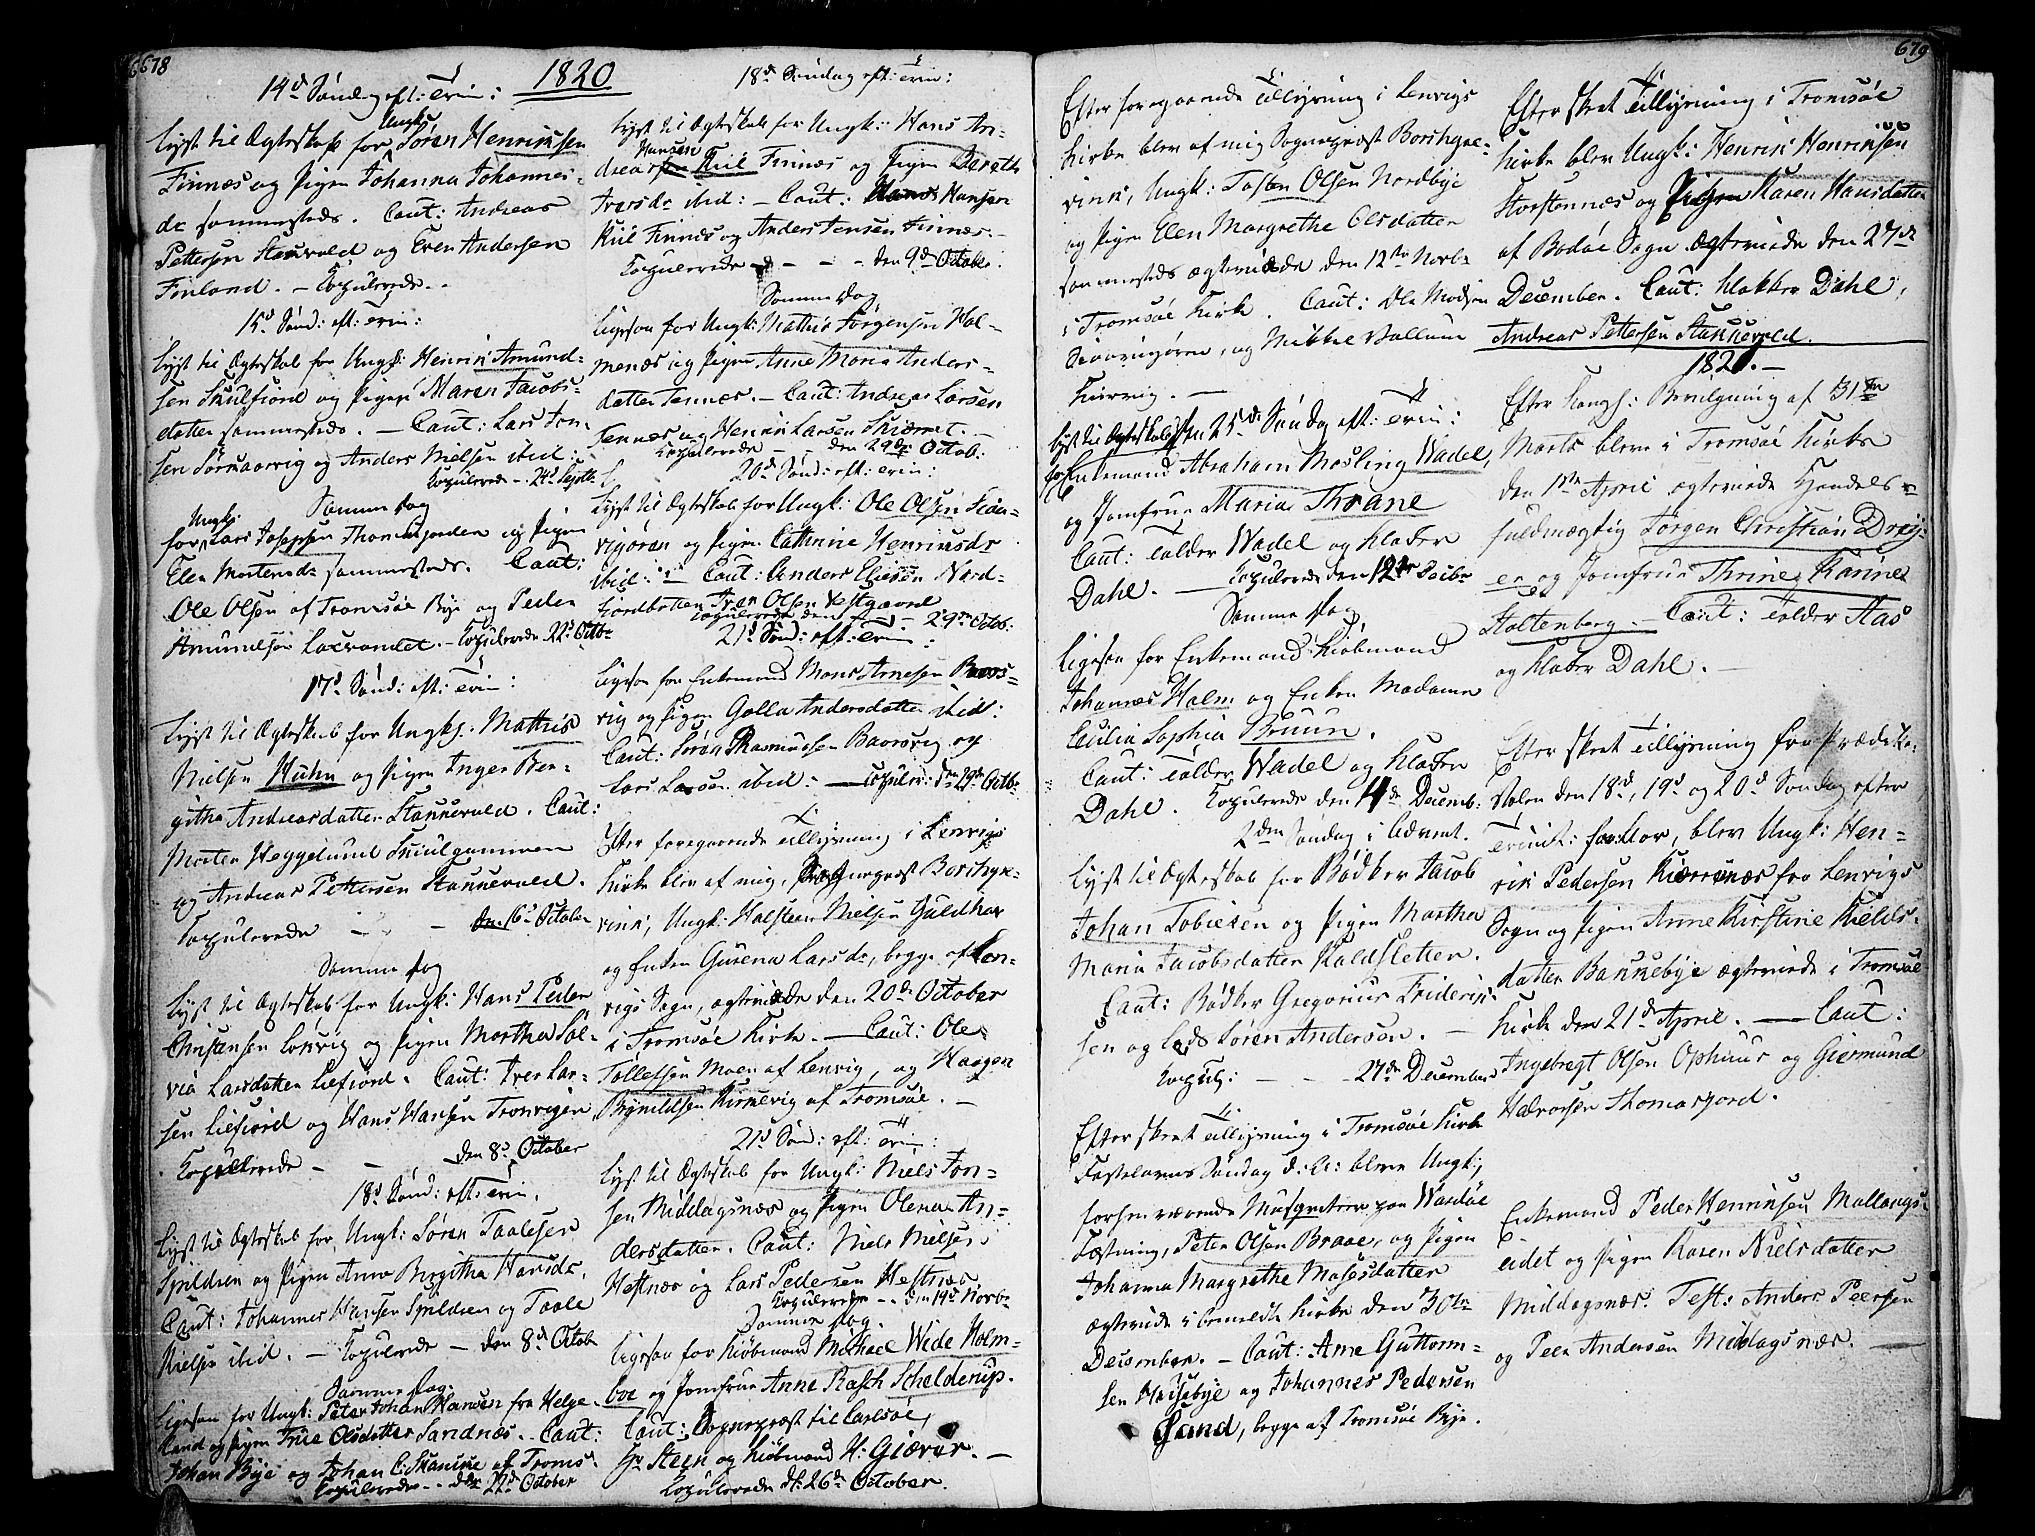 SATØ, Tromsø sokneprestkontor/stiftsprosti/domprosti, G/Ga/L0006kirke: Ministerialbok nr. 6, 1806-1821, s. 678-679